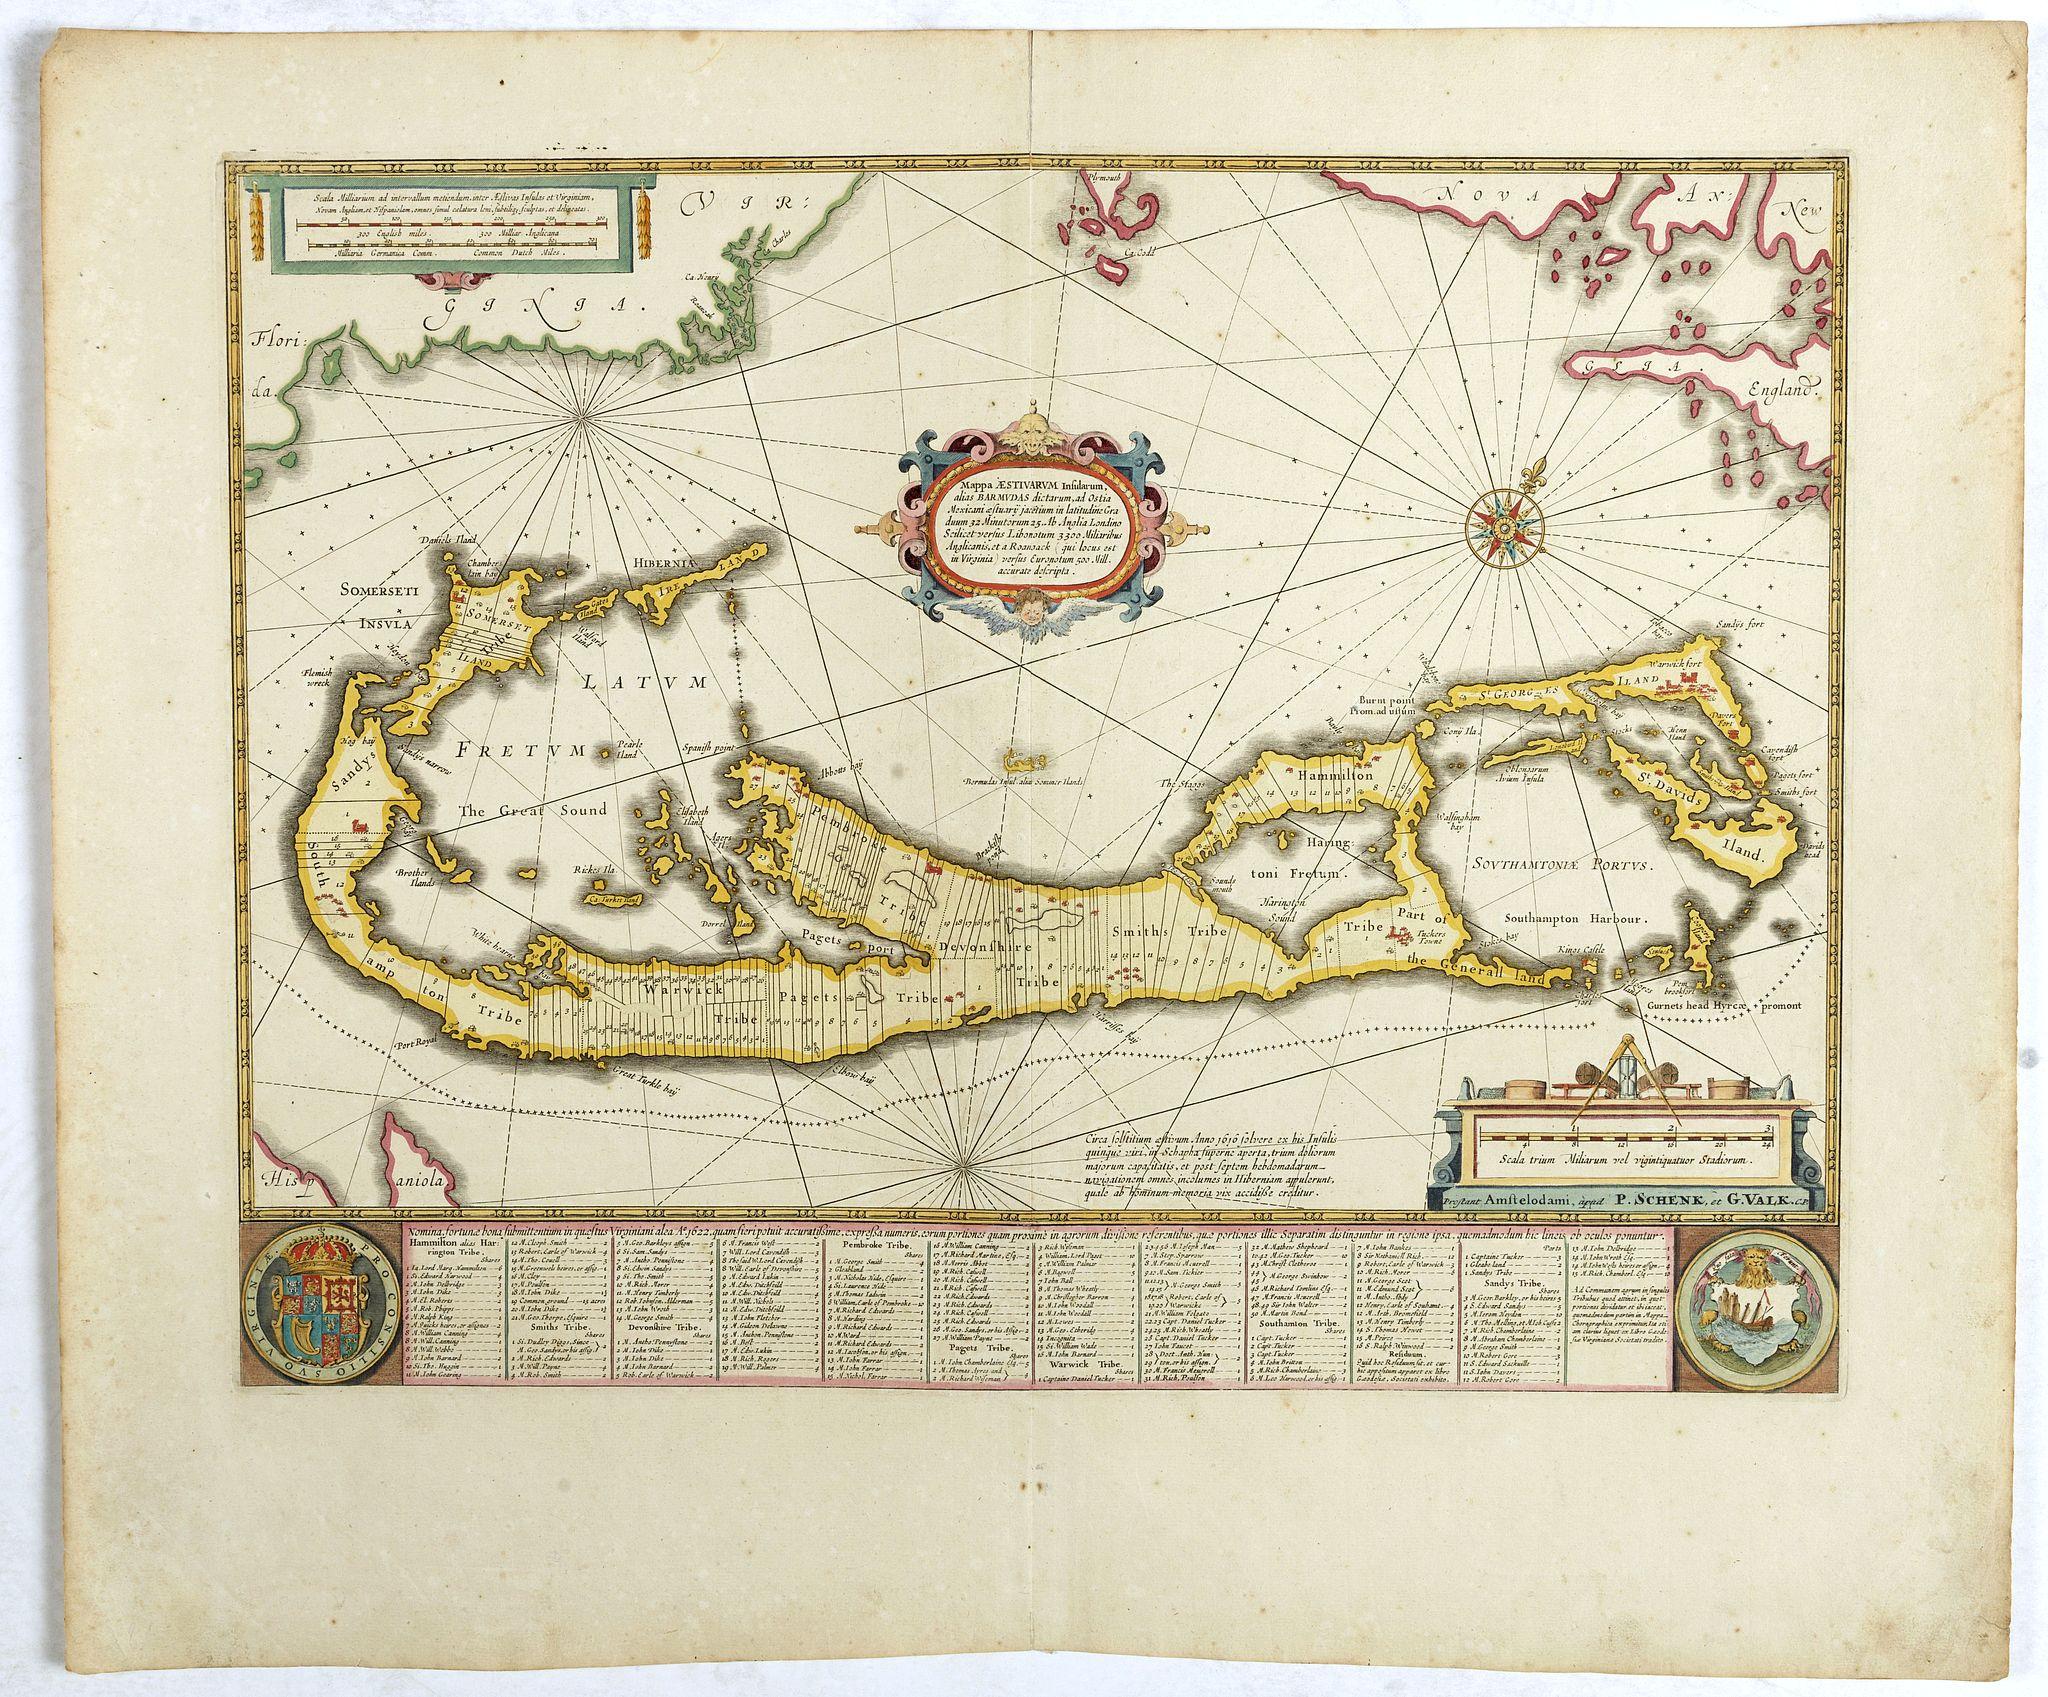 SCHENK,P./ VALK,G. -  Mappa Aestivarum Insularum, alias Barmudas..